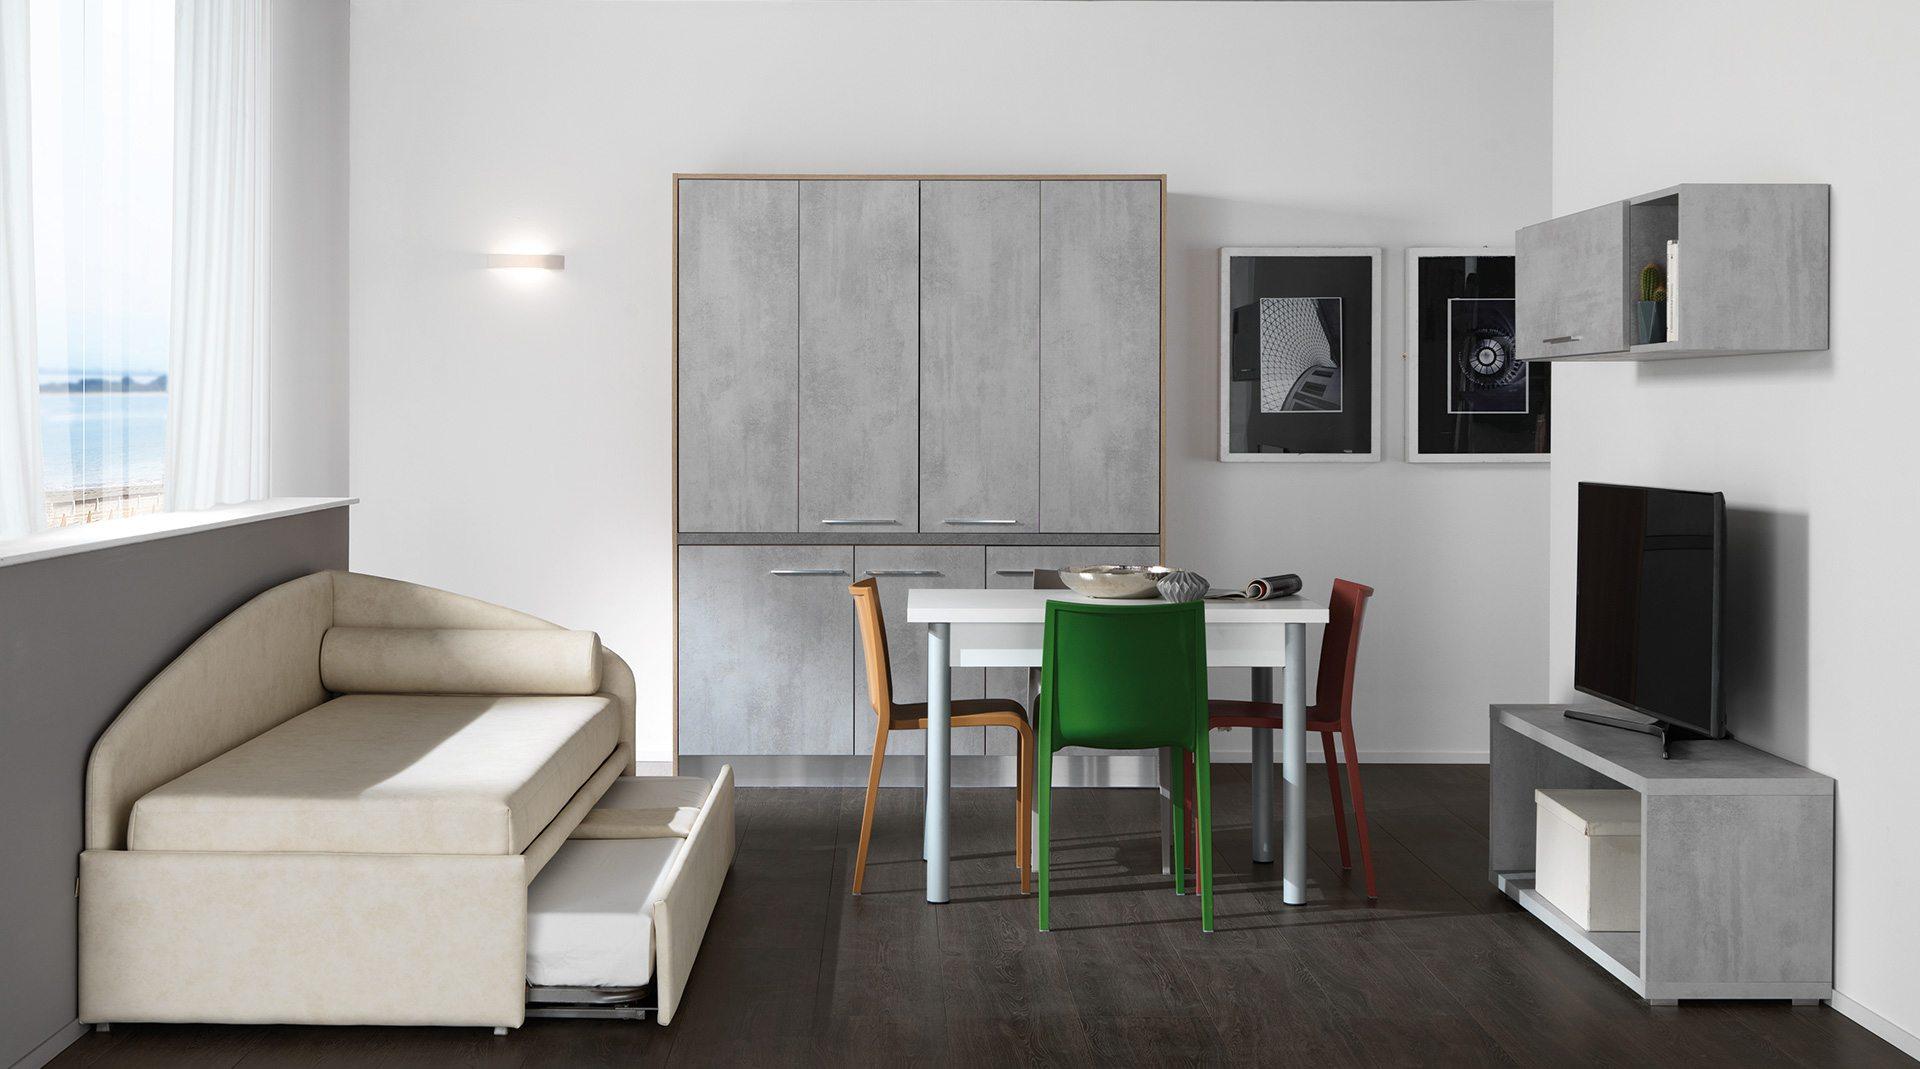 Stunning zona living con cucina ideas ideas design - Cucina con salotto ...